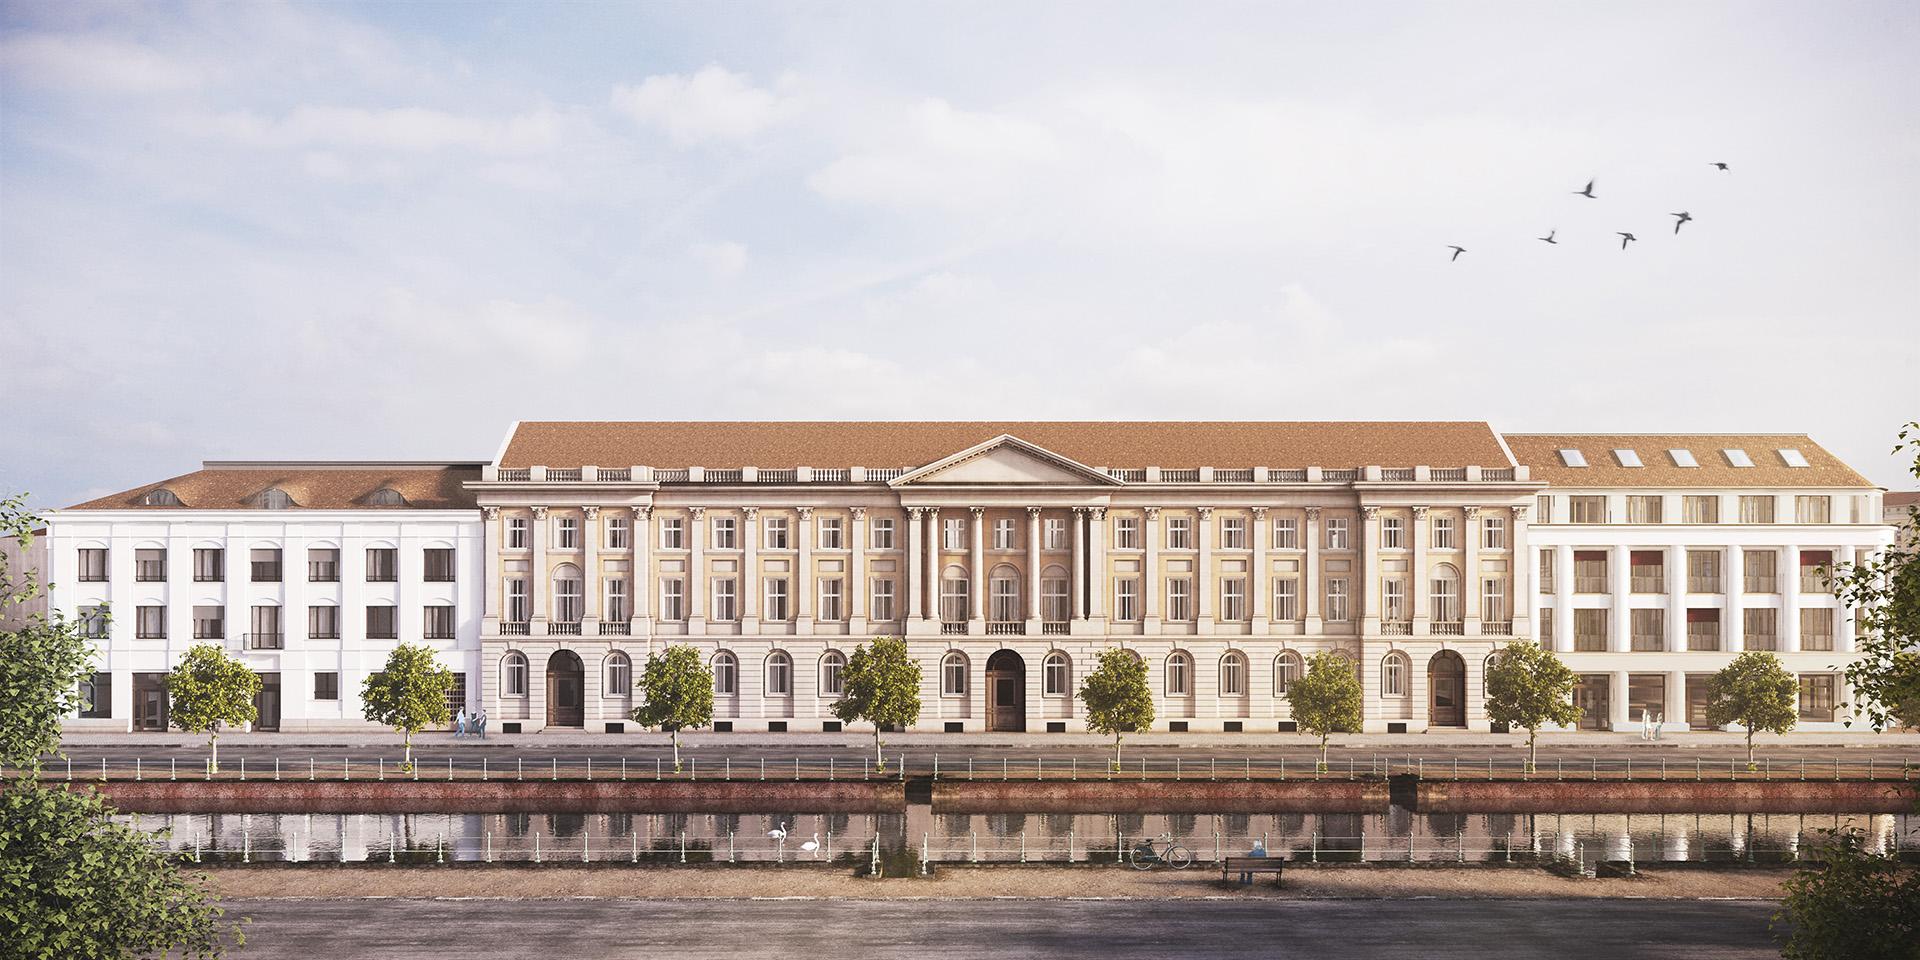 Brockessches Palais_Exterior Visual_02_by_xoio